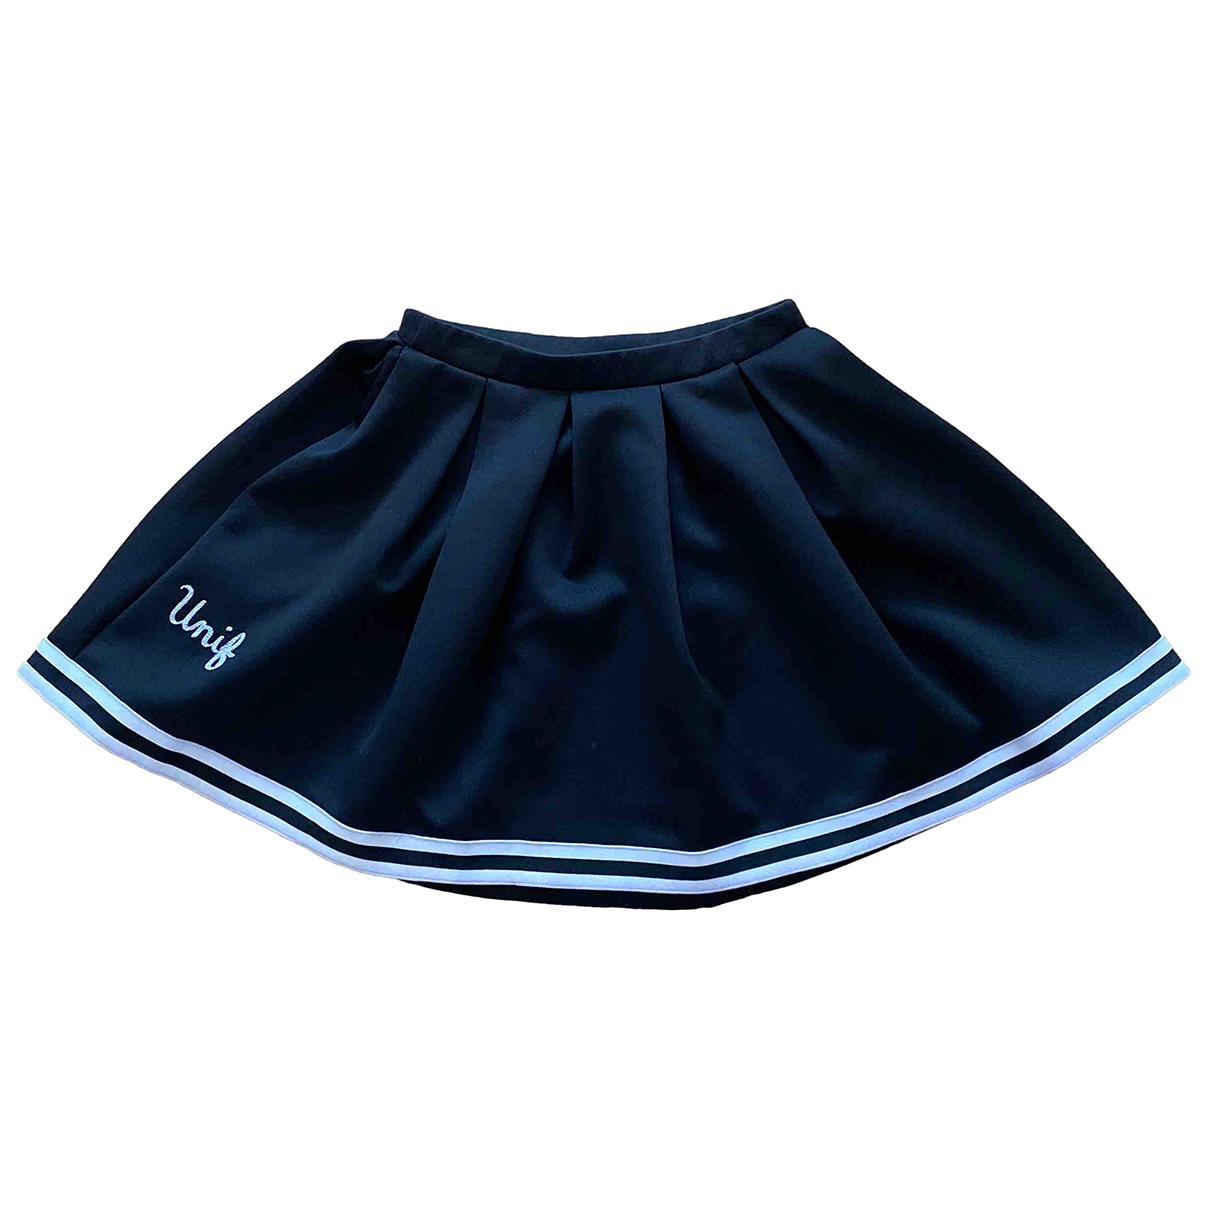 Unif - Jupe   pour femme - noir